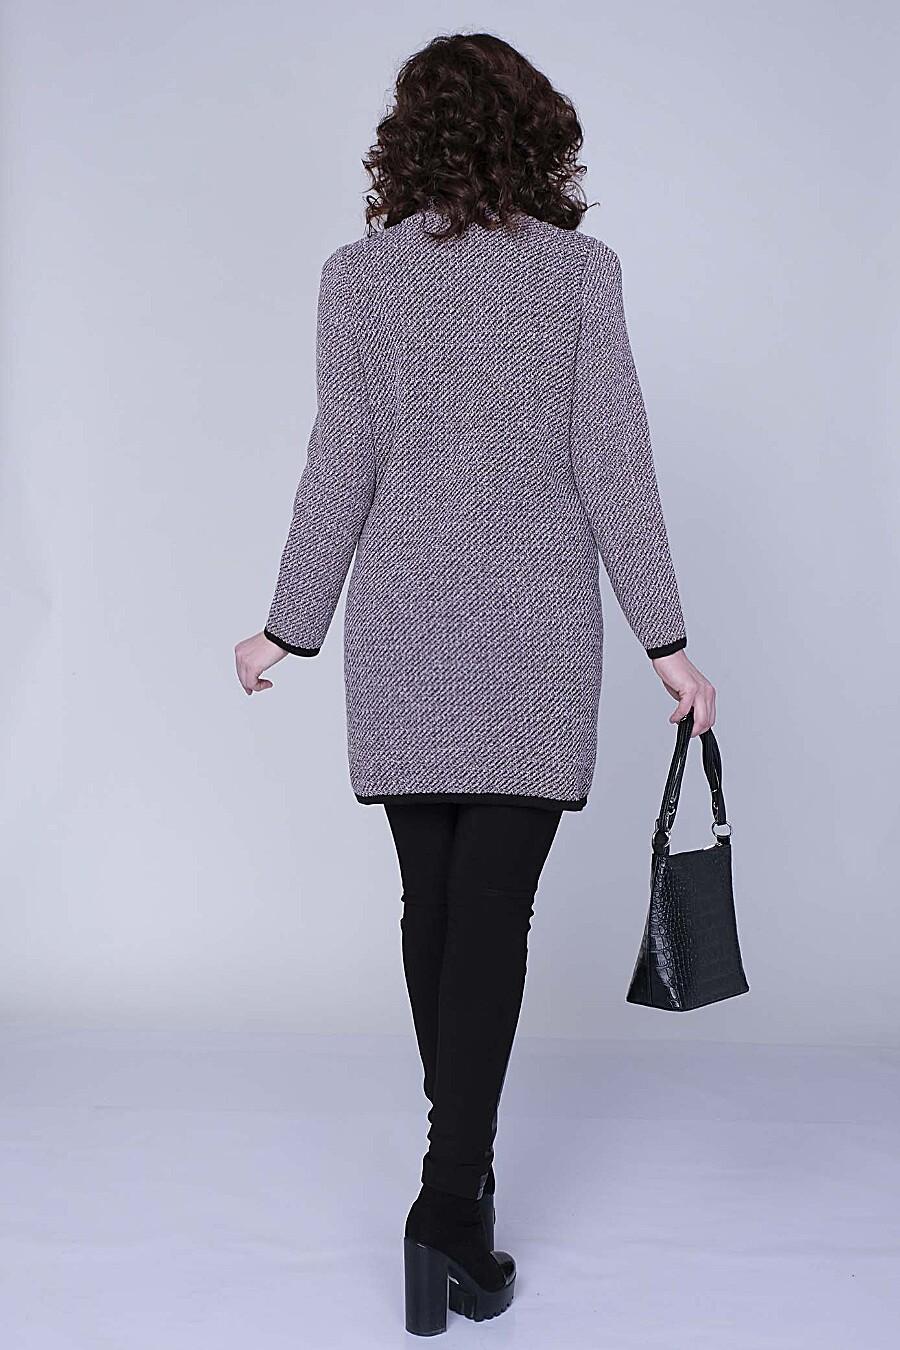 Кардиган для женщин ANKOLI 184356 купить оптом от производителя. Совместная покупка женской одежды в OptMoyo